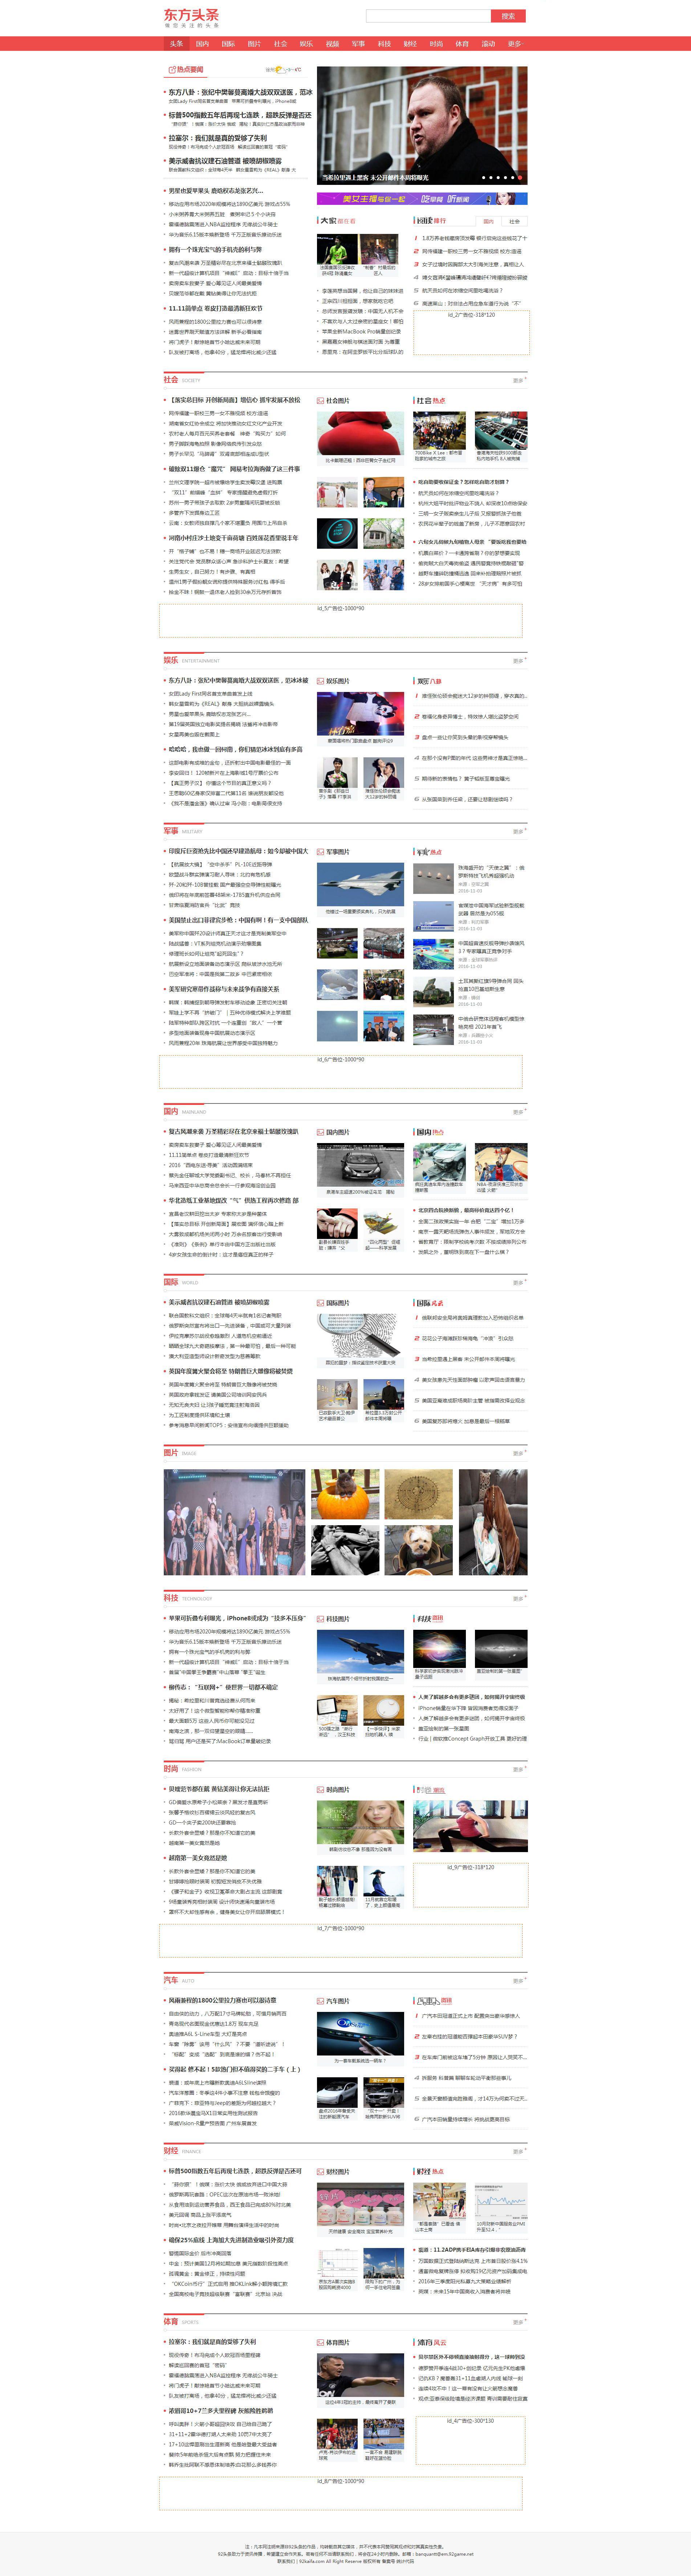 帝国CMS 仿东方头条网程序源码新闻资讯网站模板带采集数据手机版插图